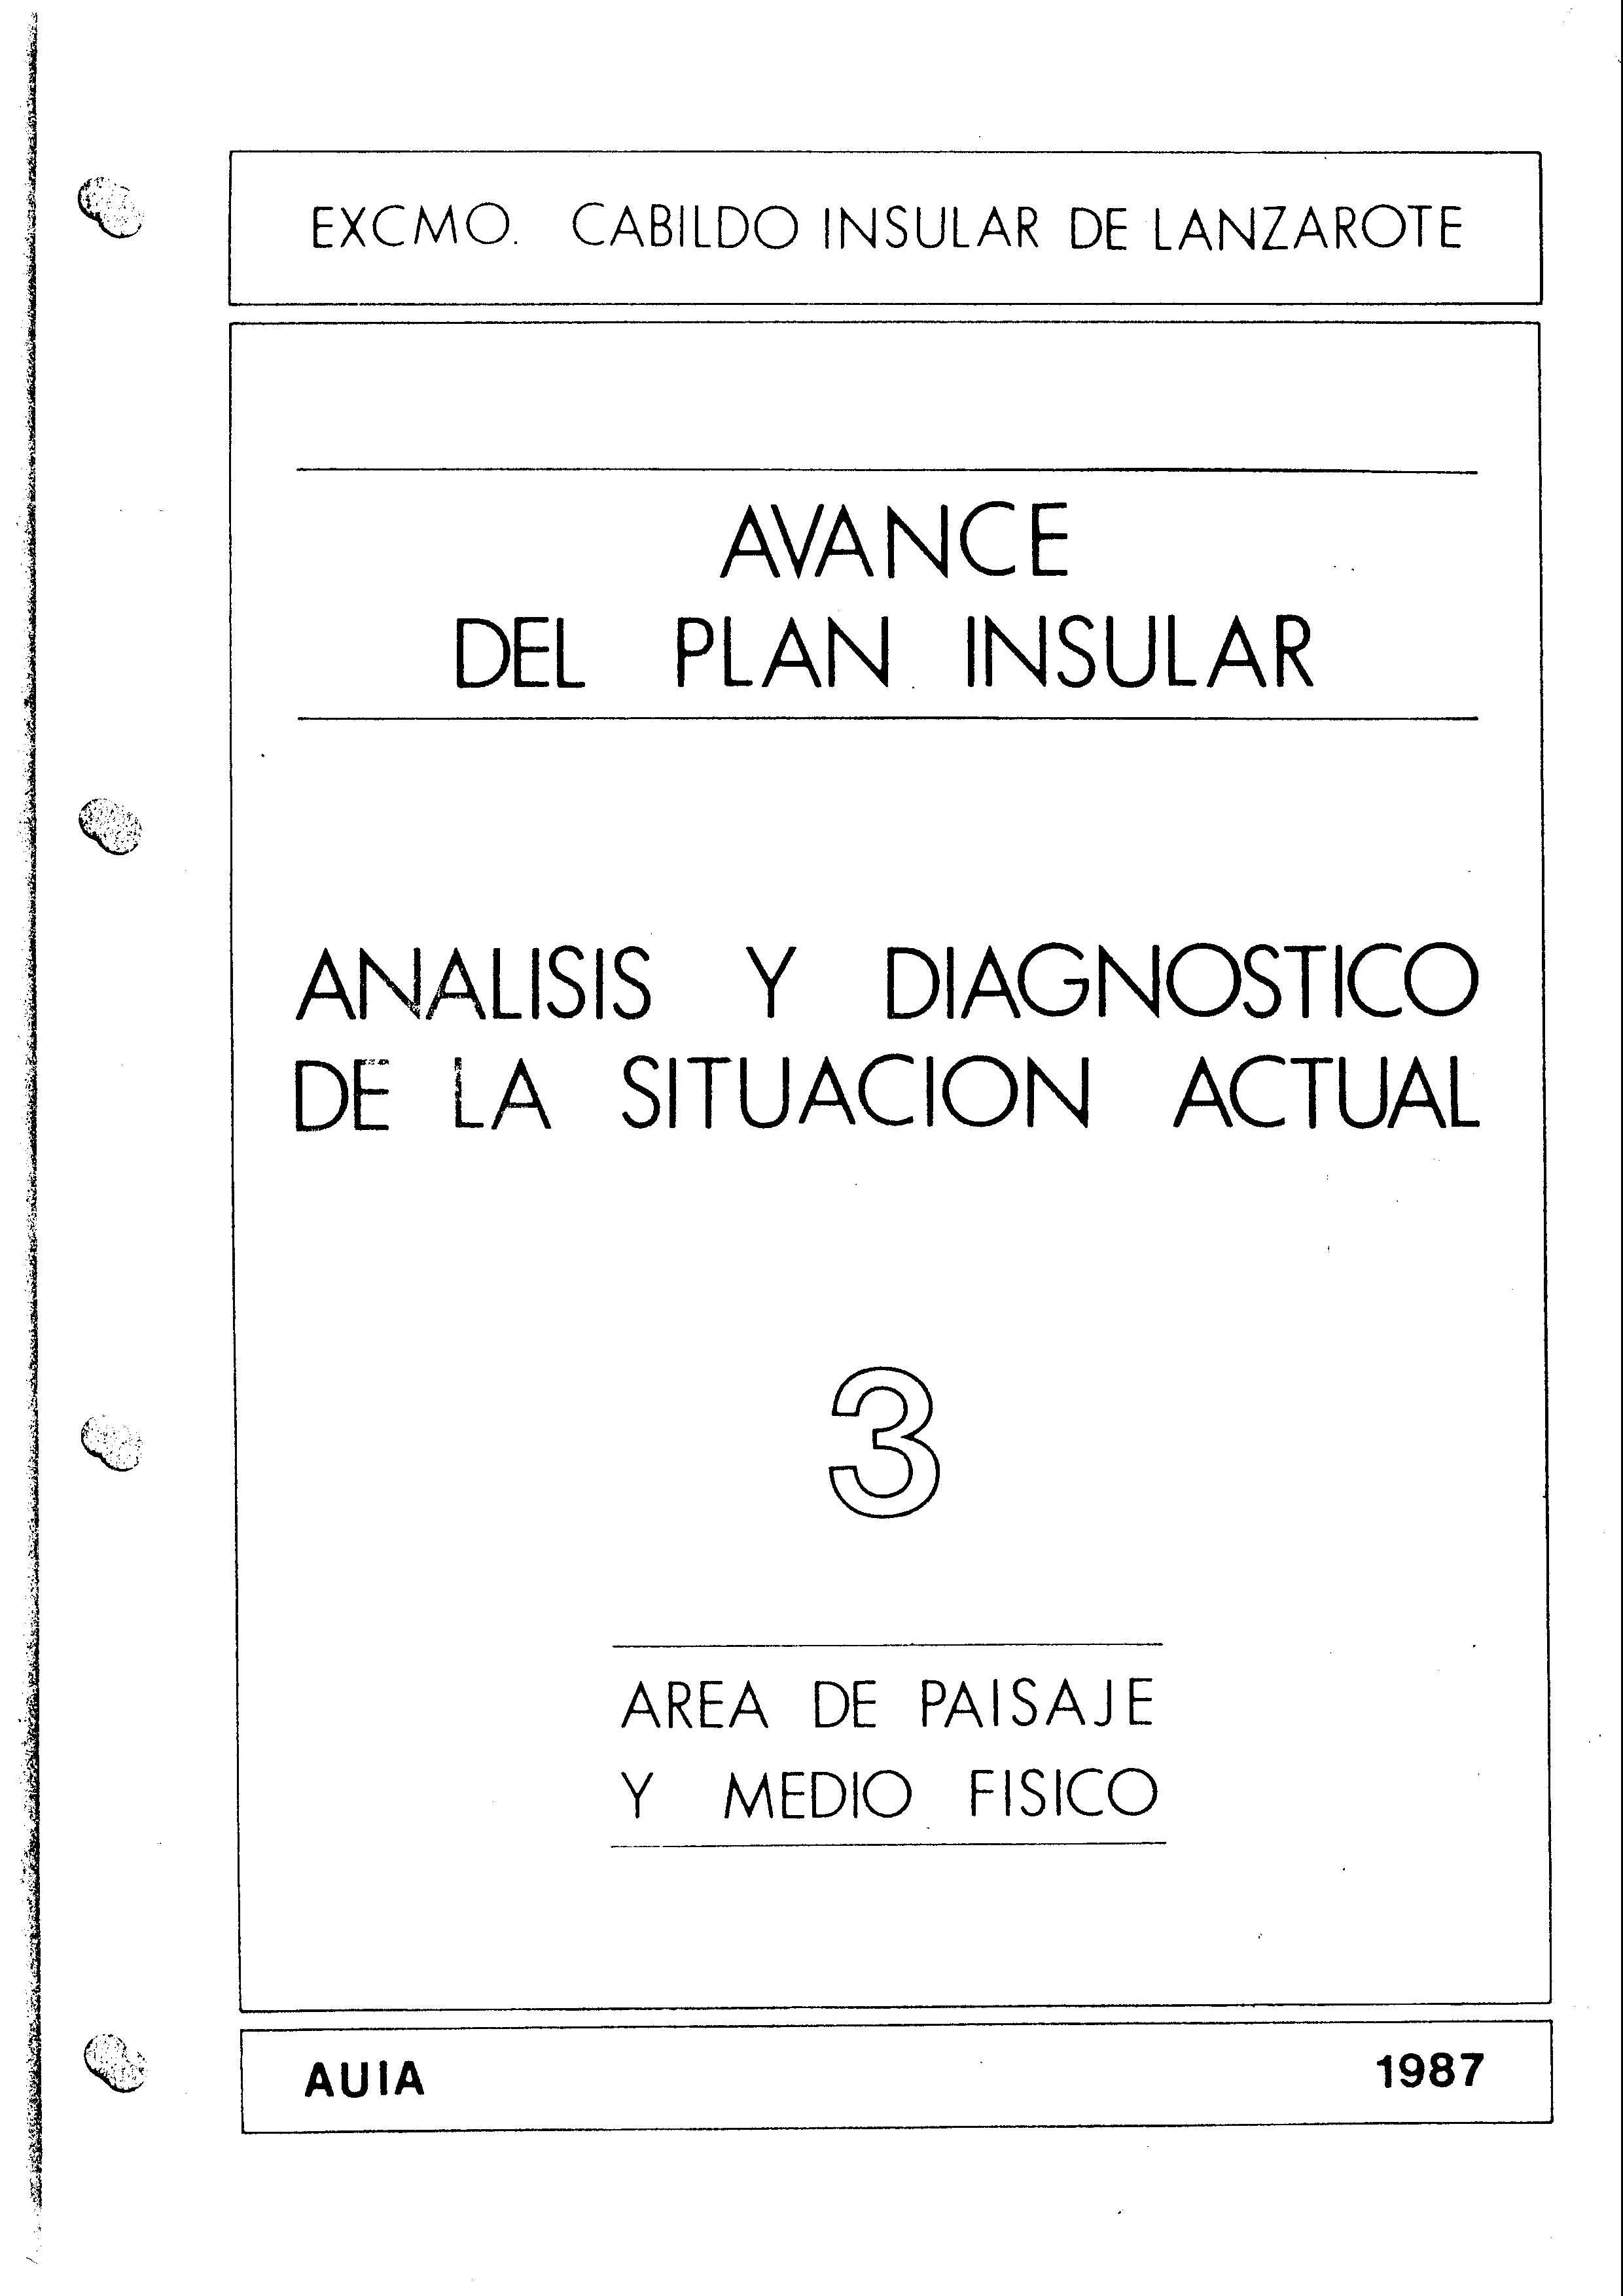 Tomo 3. Paisaje y Medio Físico. Avance Plan Insular (1987)